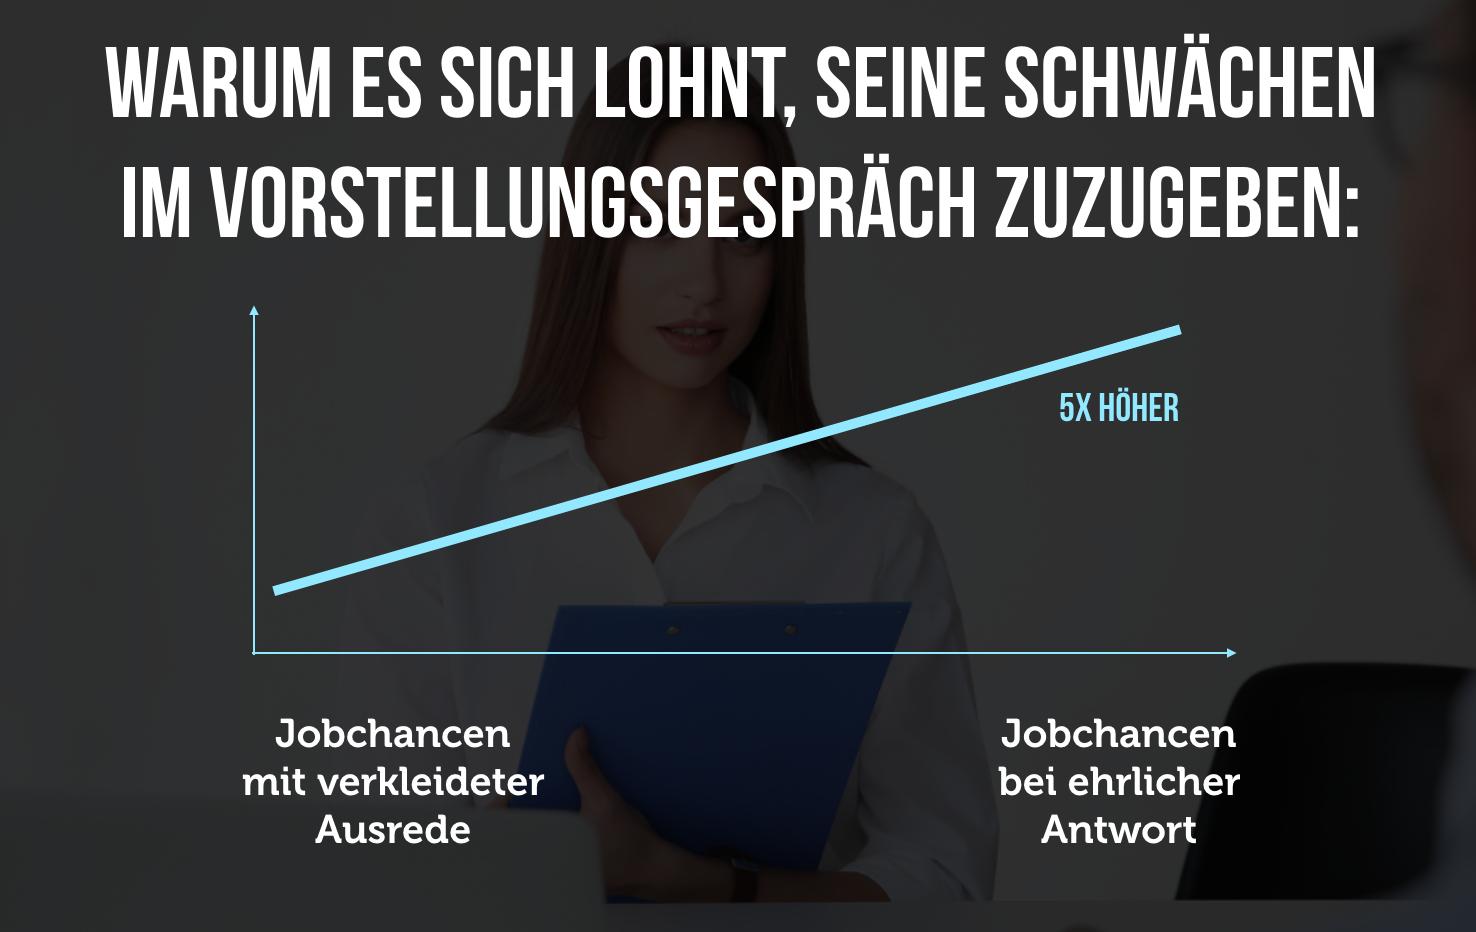 Hier Die Studien Zu Den Schwächen Im Vorstellungsgespräch:  Http://karrierebibel.de